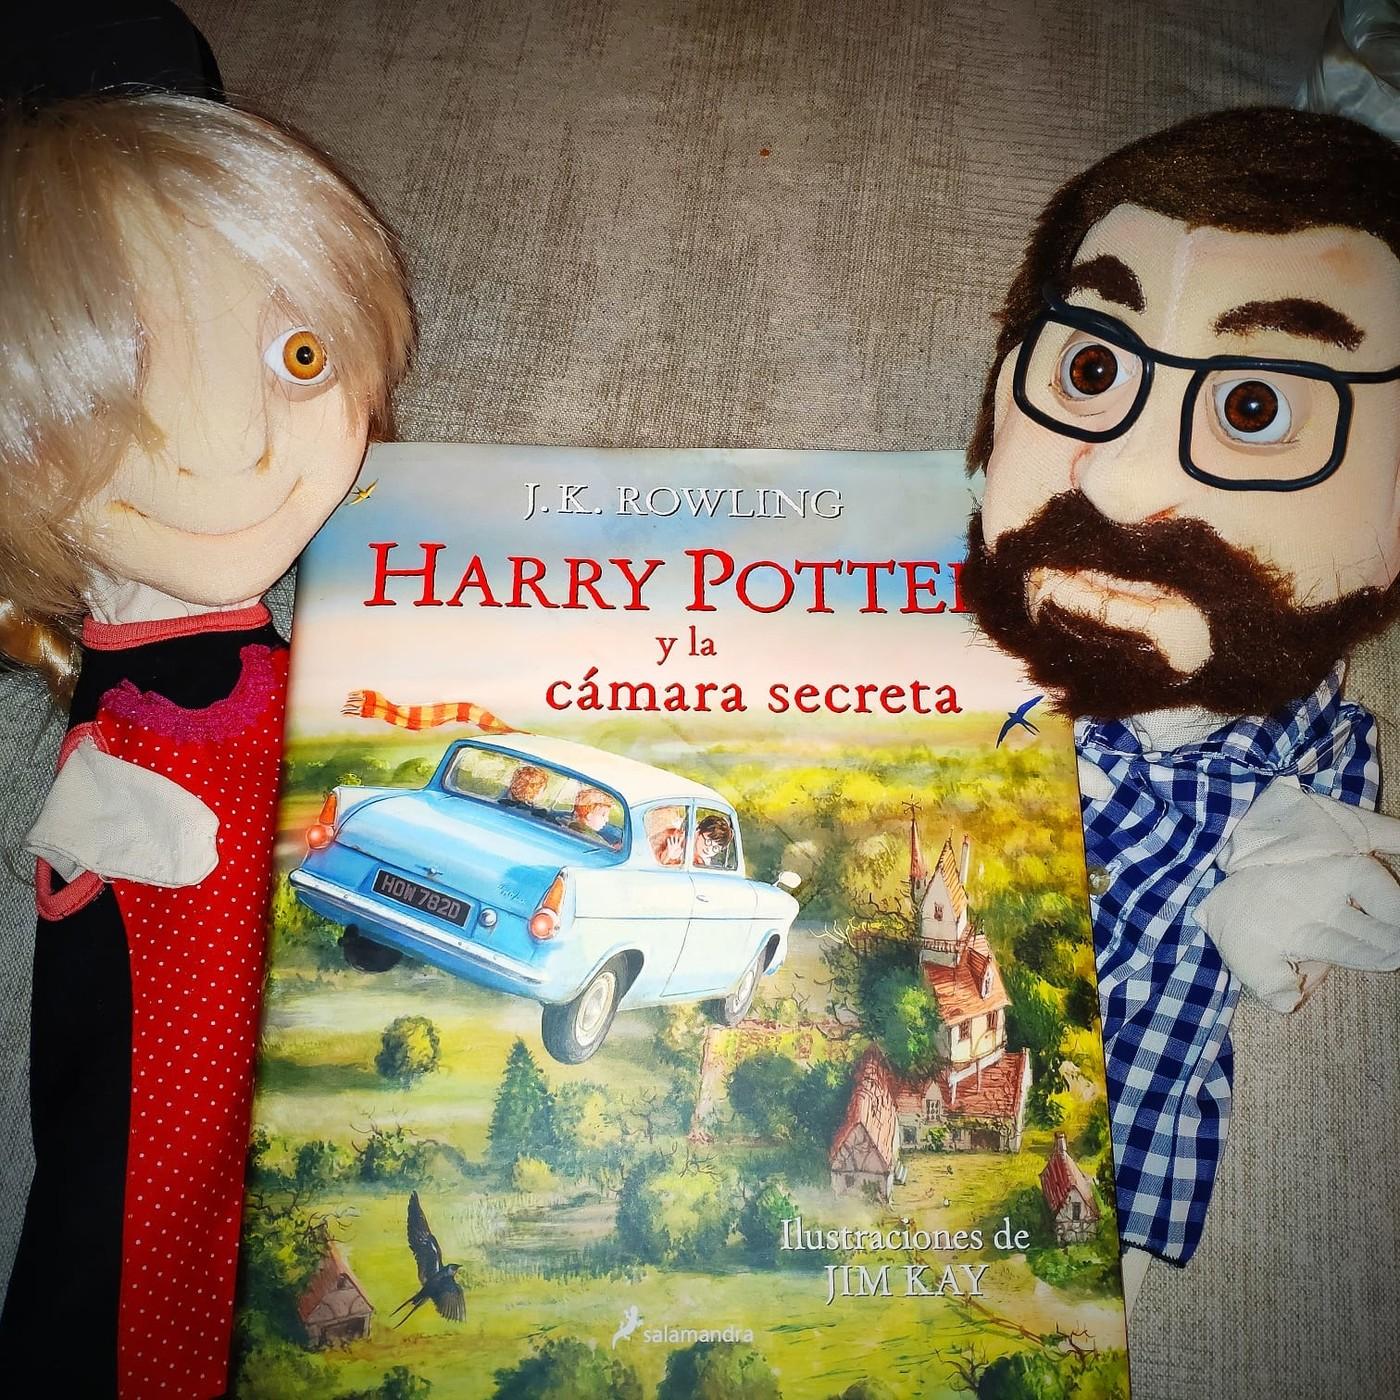 Harry Potter y la Cámara Secreta - Capitulo 2 - Lara y Manu Leemos